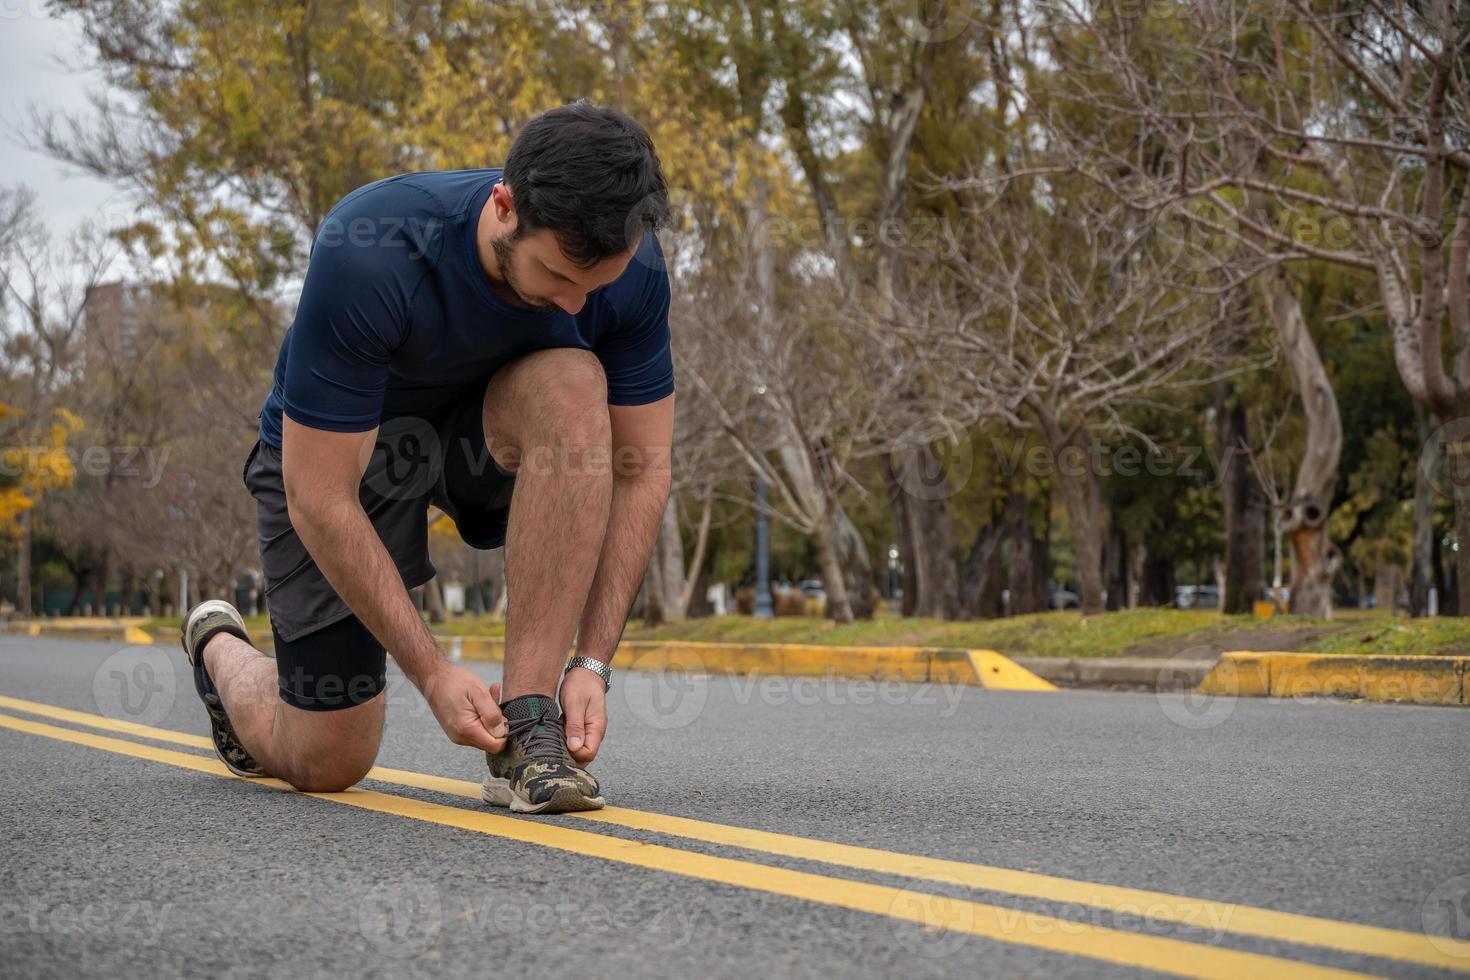 homme sportif attachant ses lacets tout en exerçant à l'extérieur photo